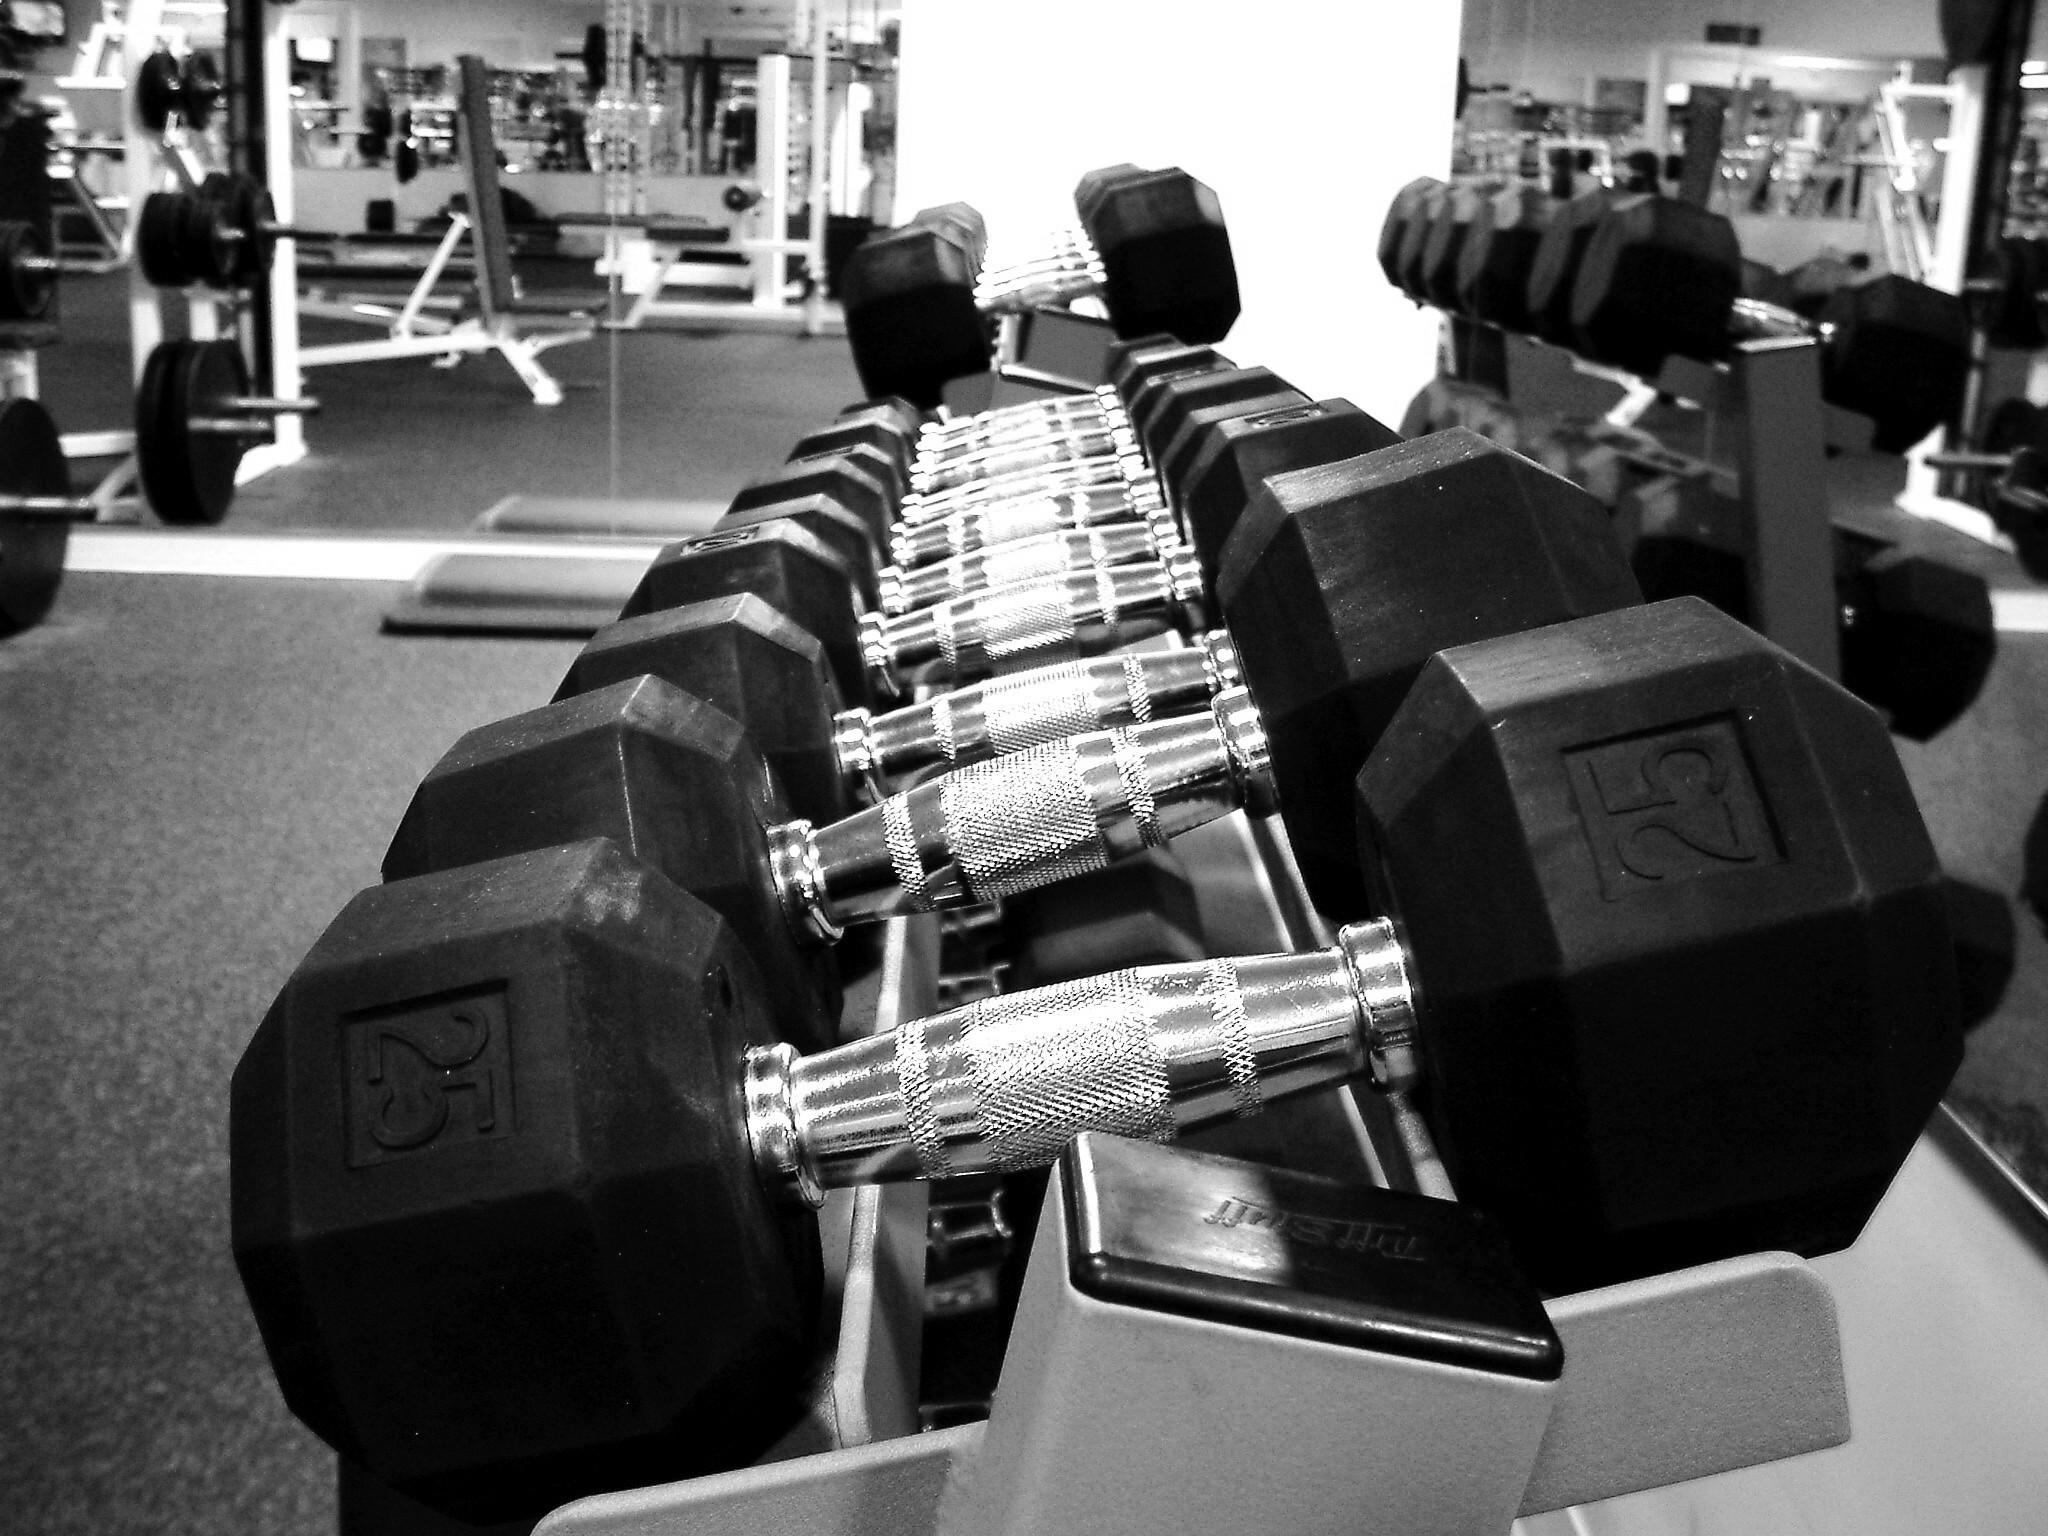 Iphone X Wallpaper Bodybuilding Die 65 Besten Gym Wallpapers